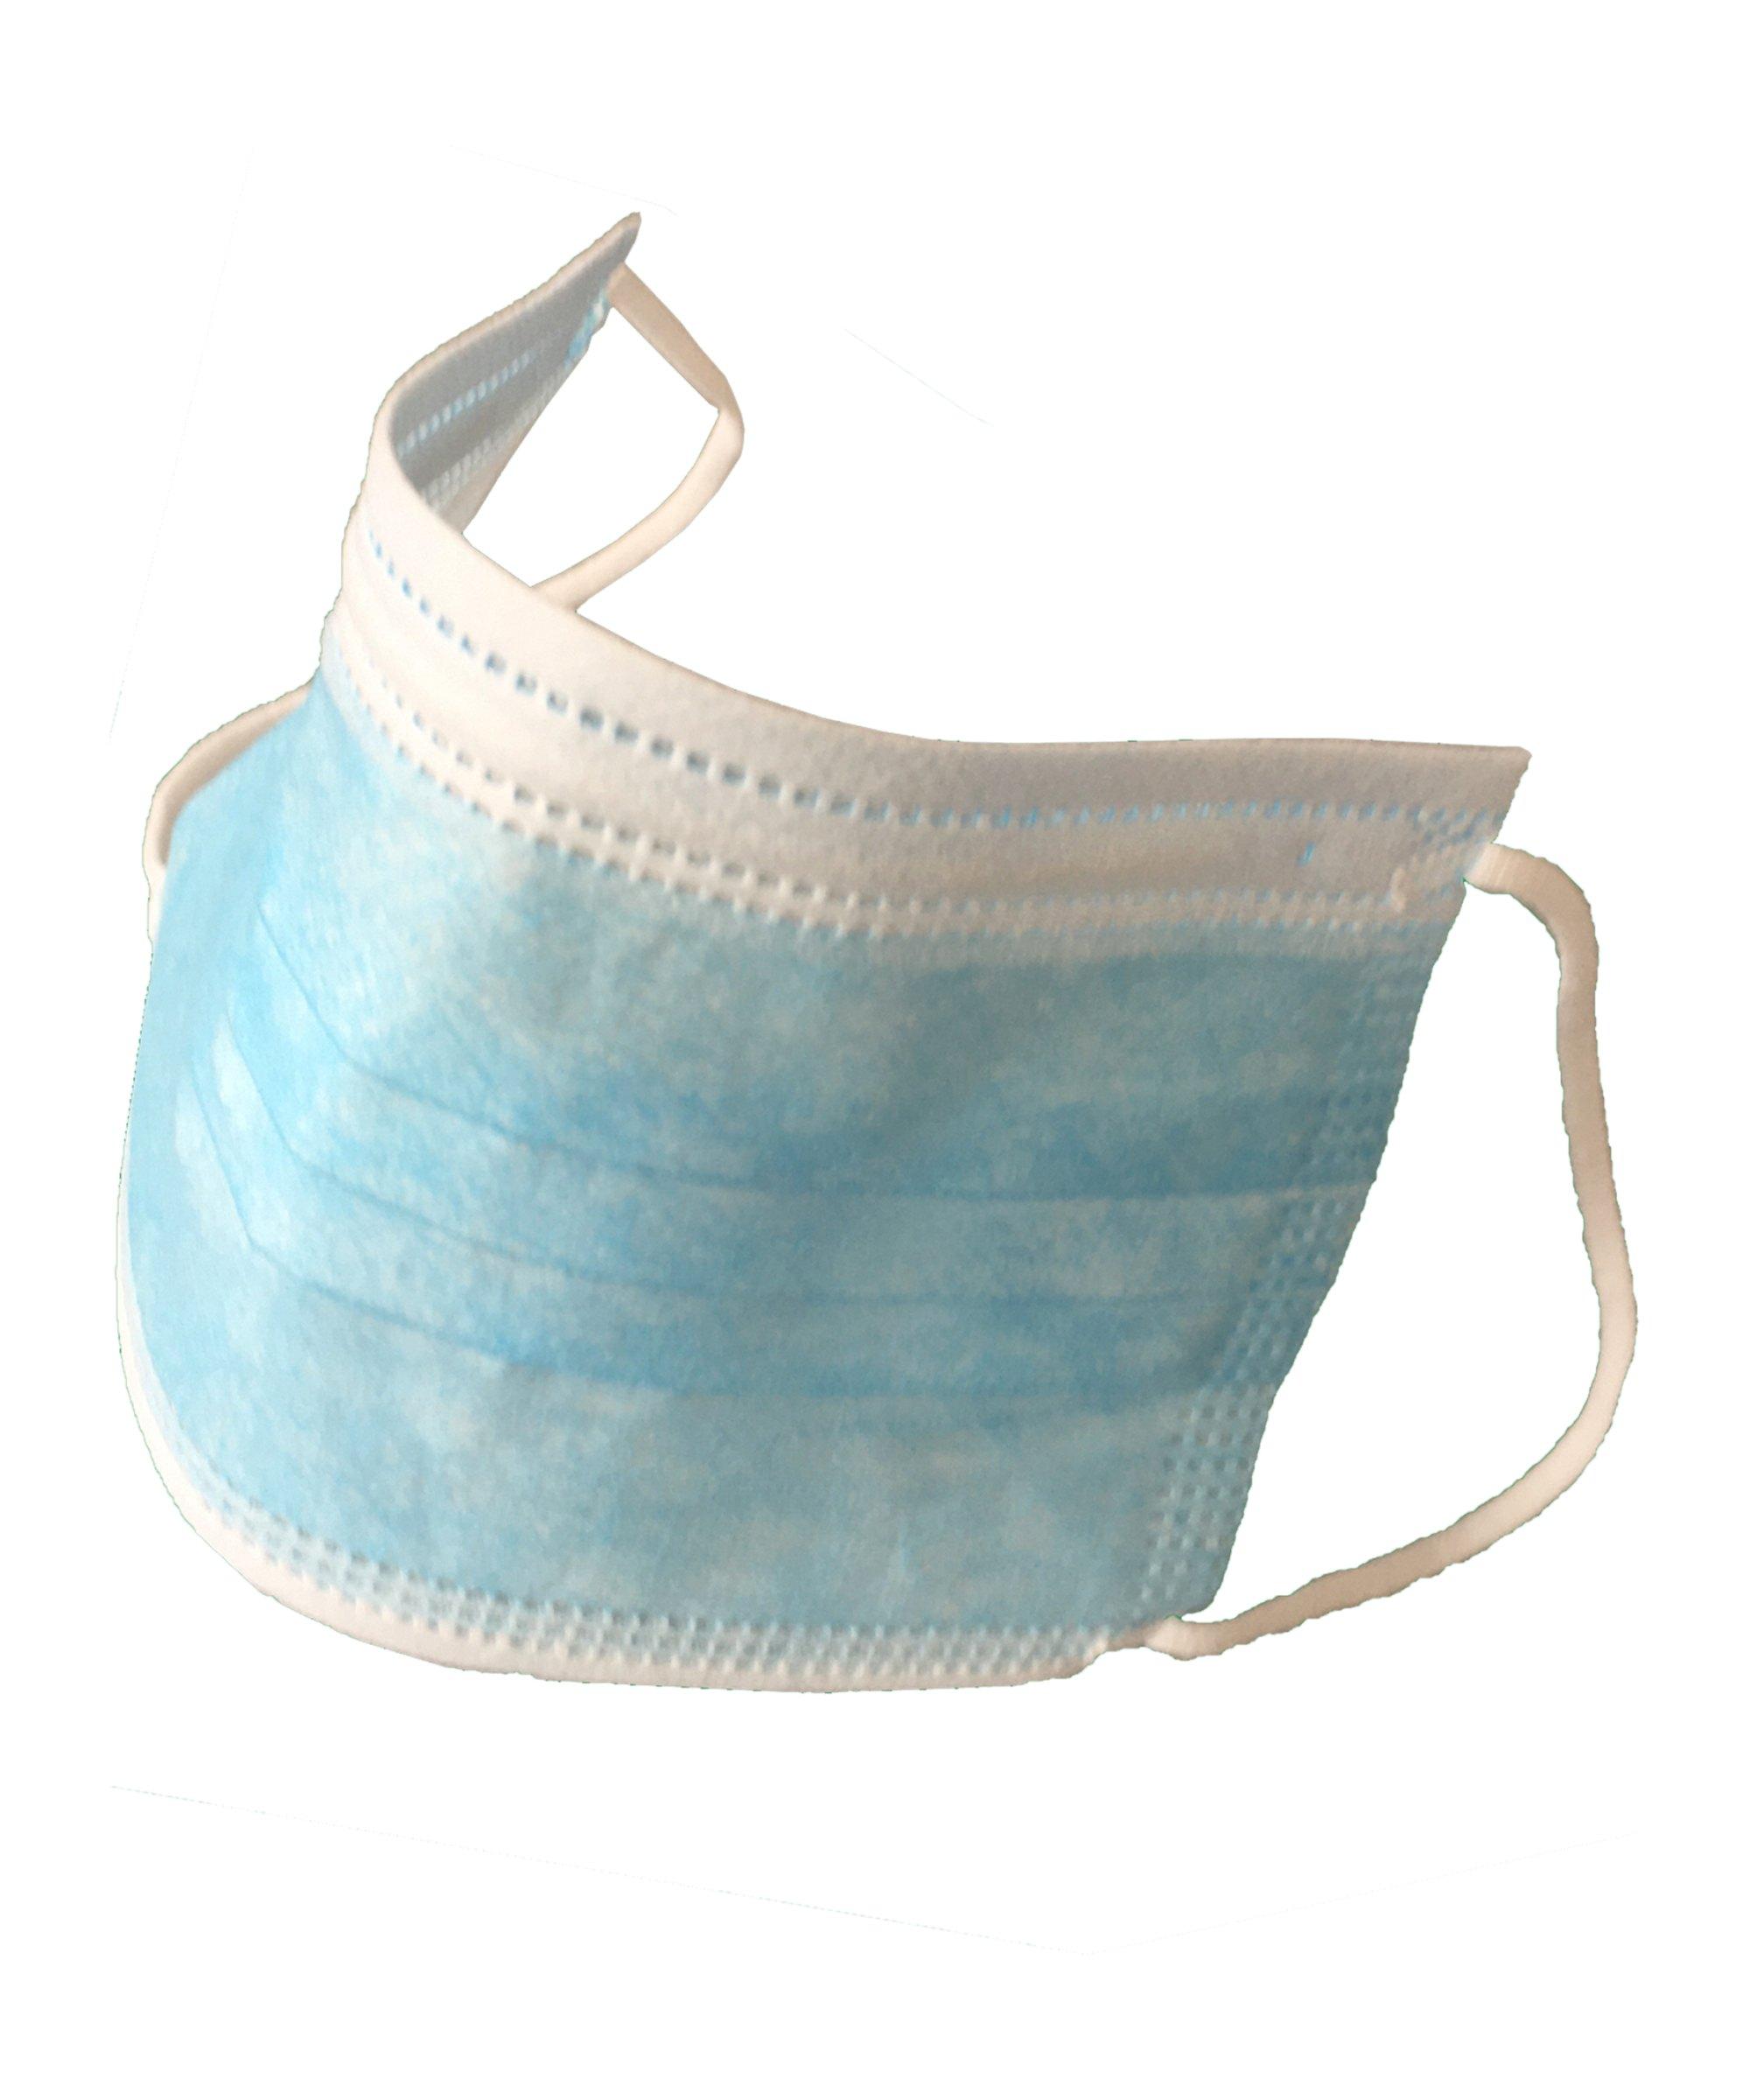 FMK OP Einweg-Masken 3-lagig 10er Pack Blau Weiss - blau